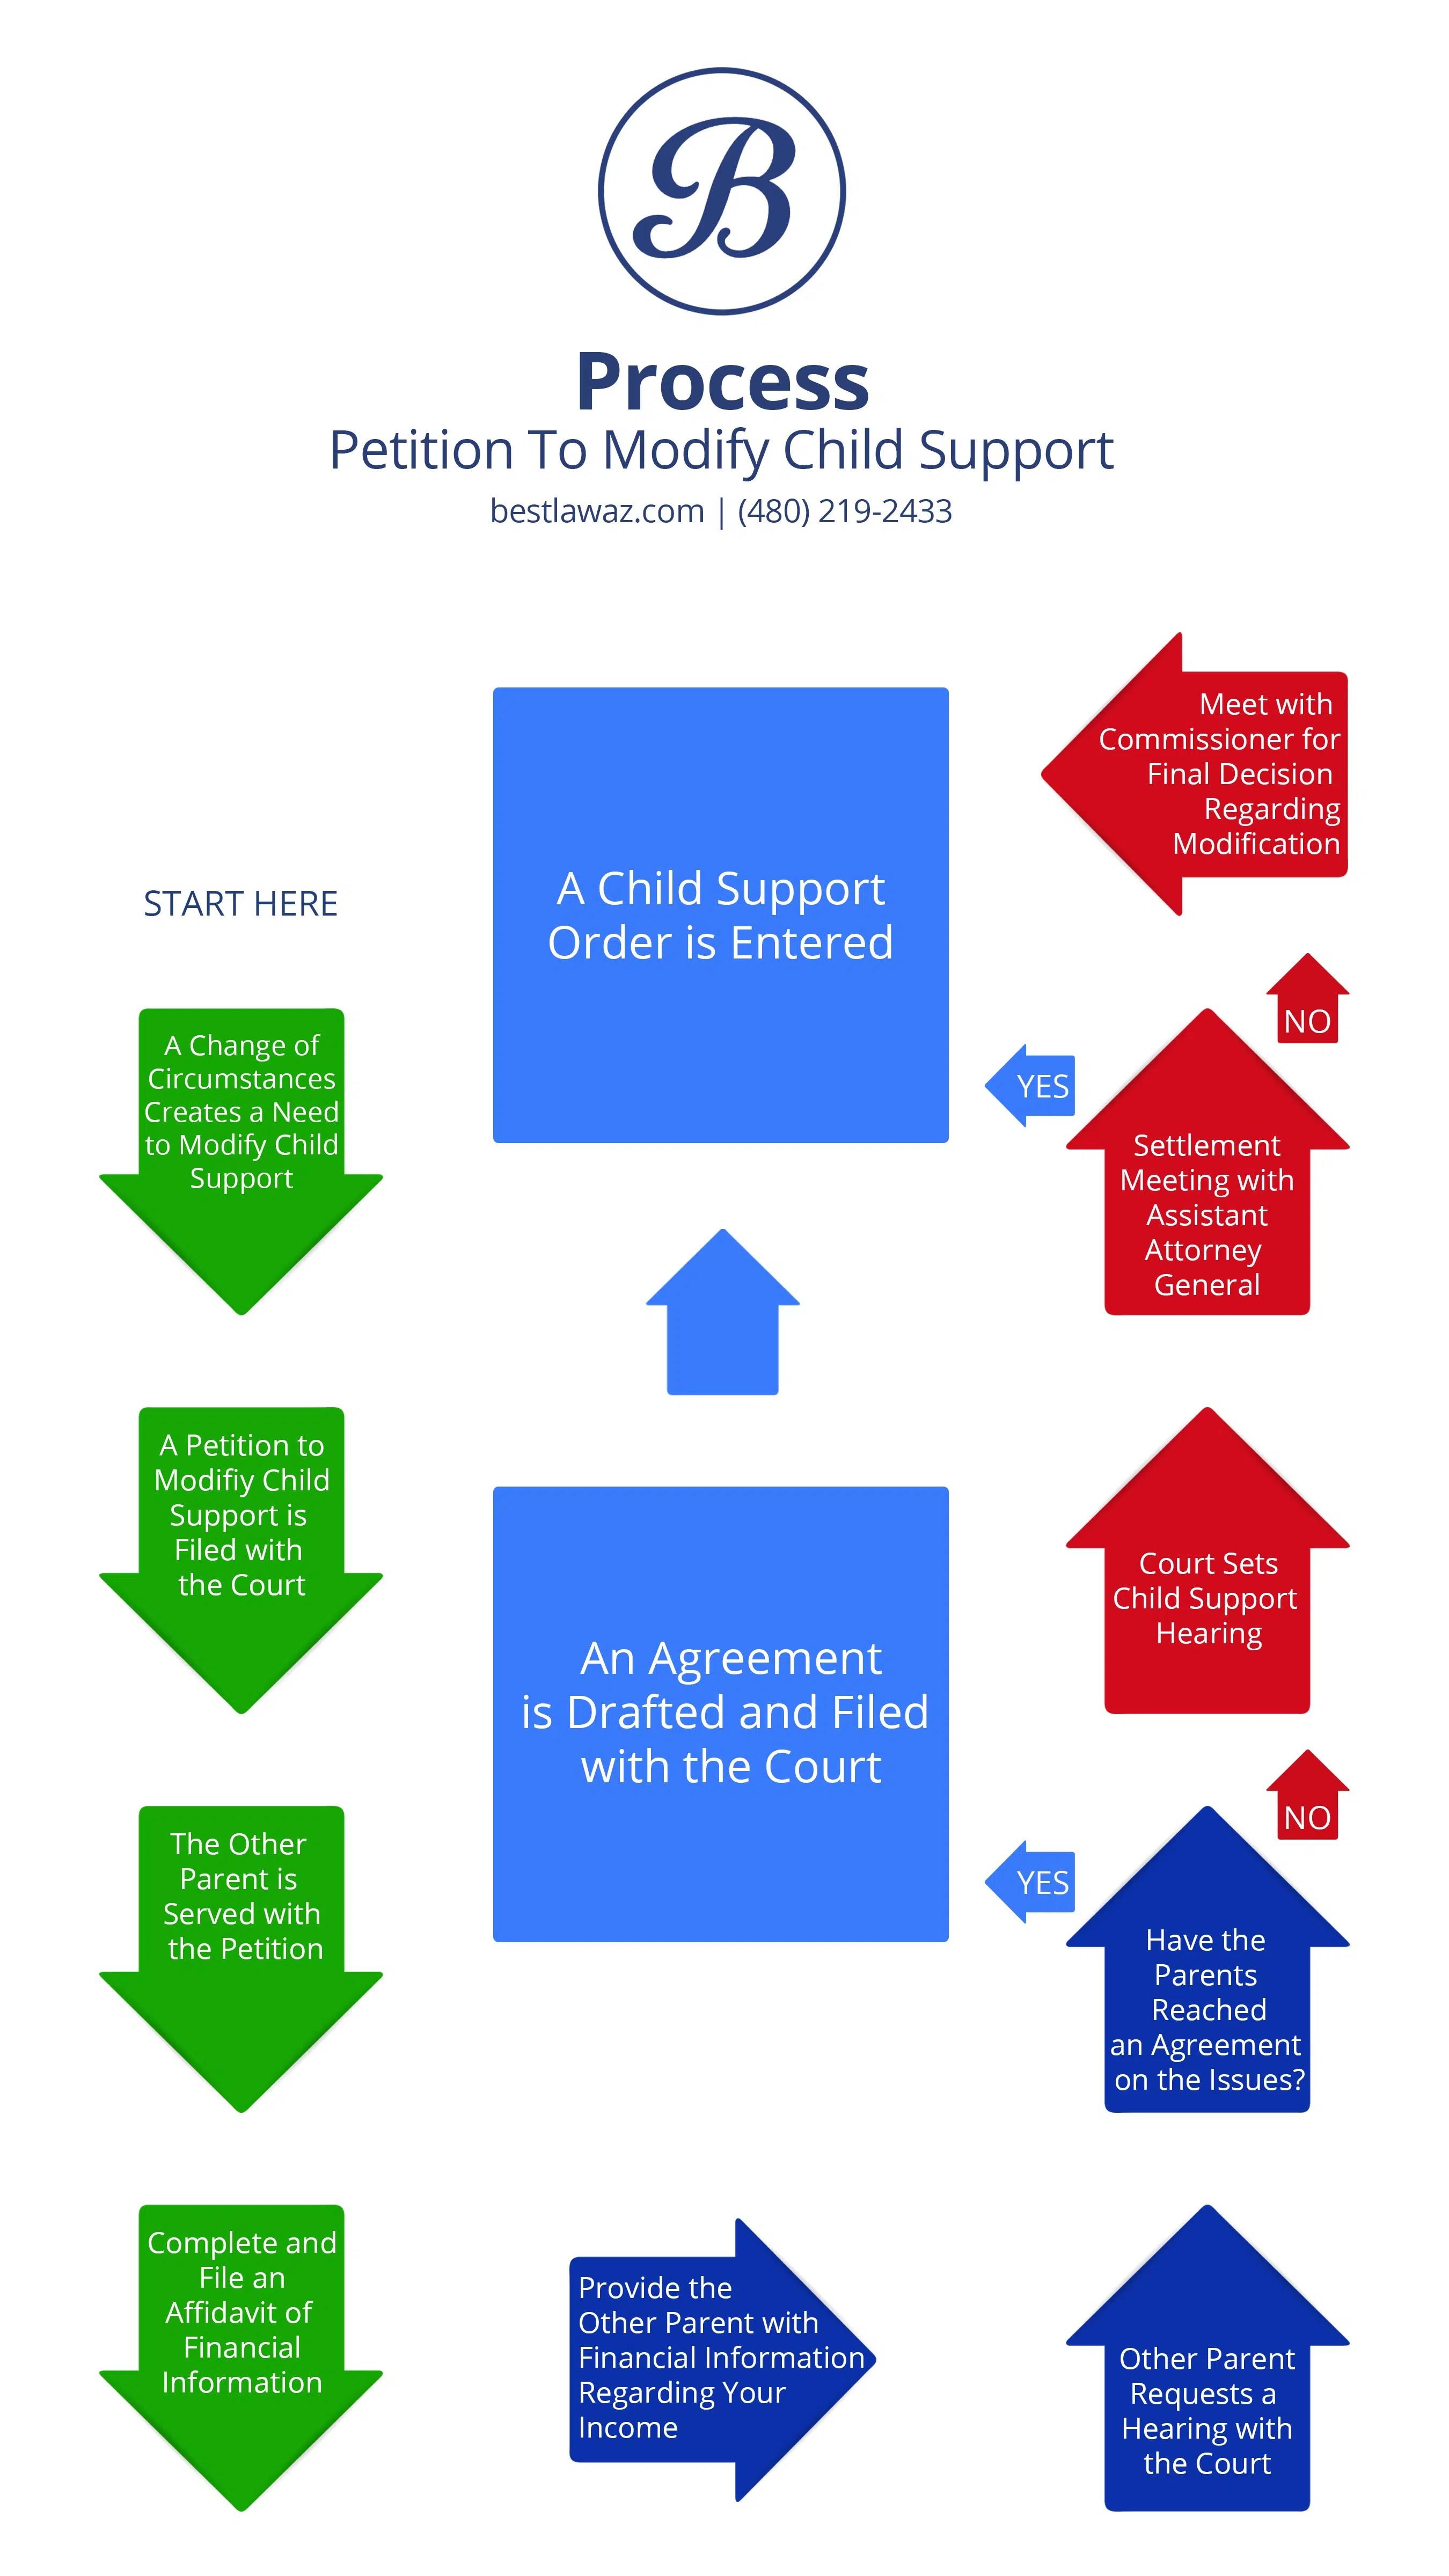 Parents Worksheet For Child Support